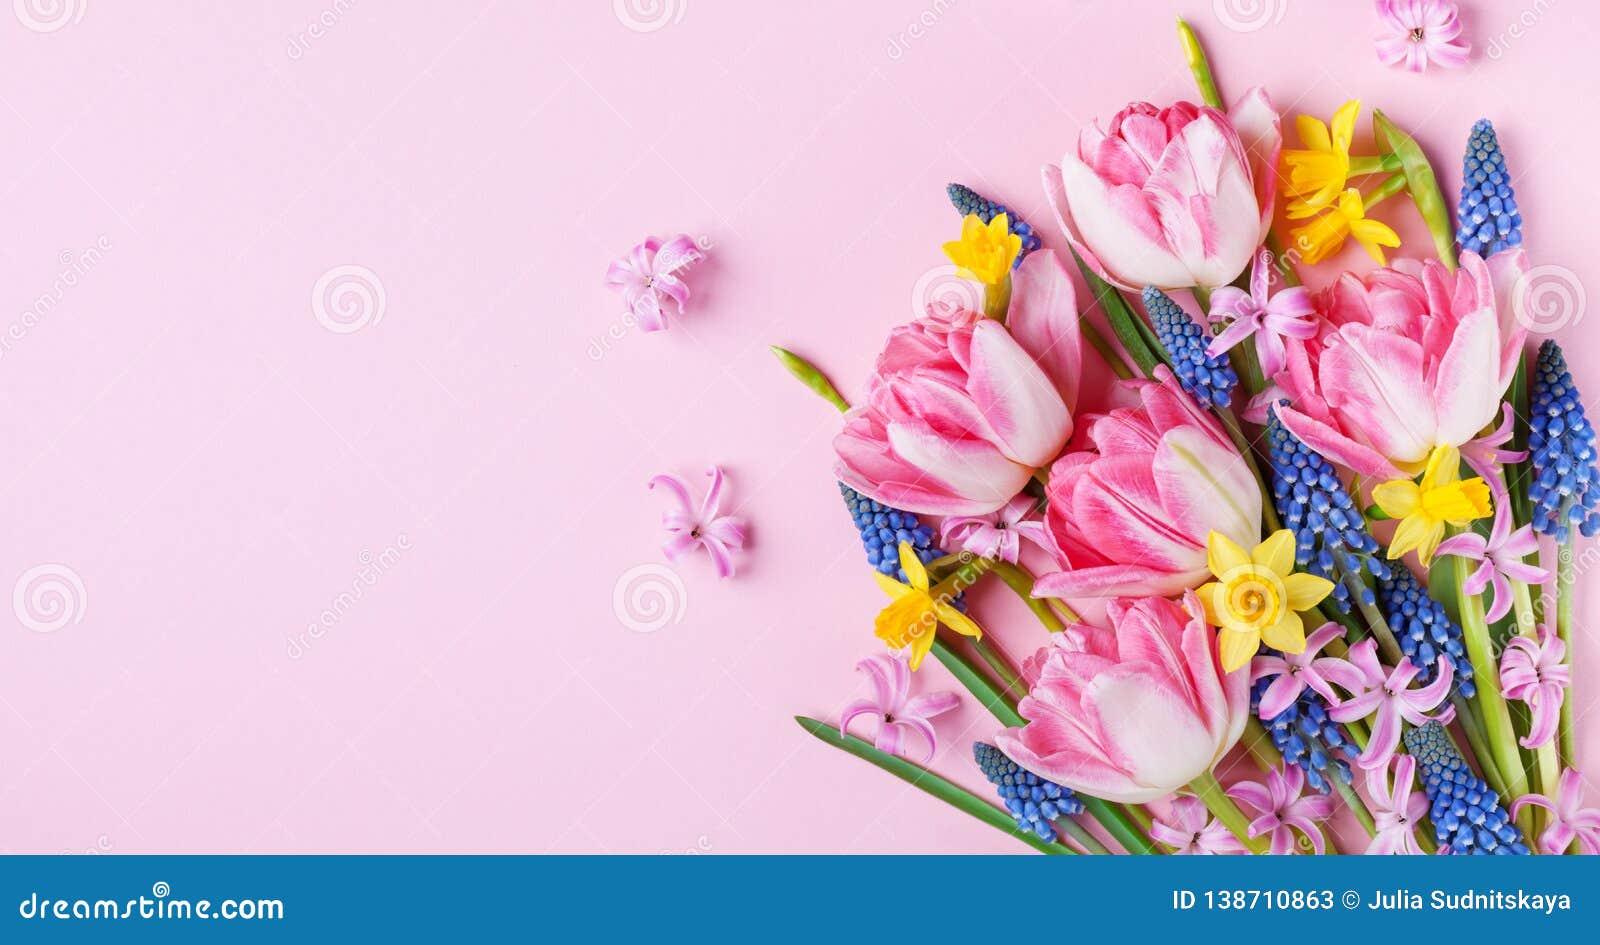 Flores hermosas de la primavera en la opinión de sobremesa rosada en colores pastel Tarjeta o bandera de felicitación para el día